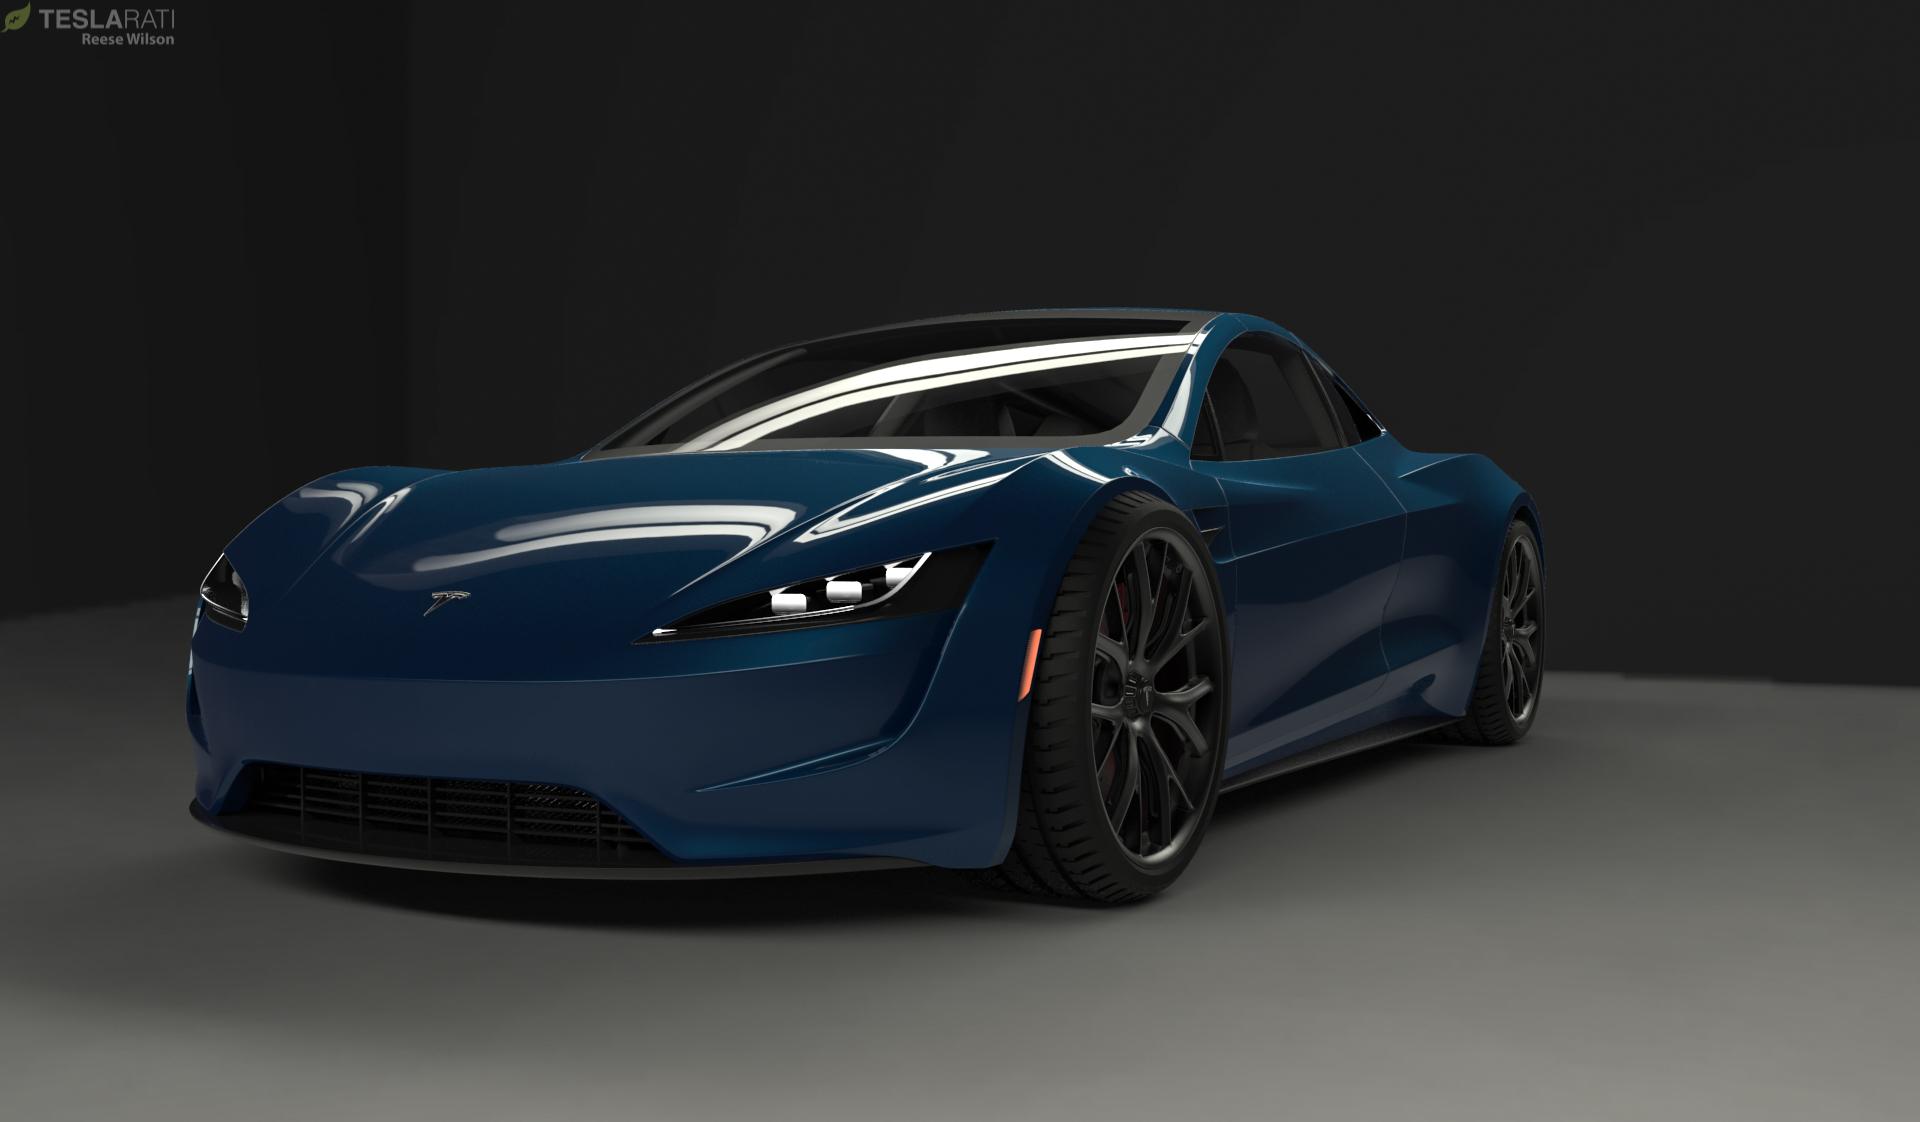 tesla-next-gen-roadster